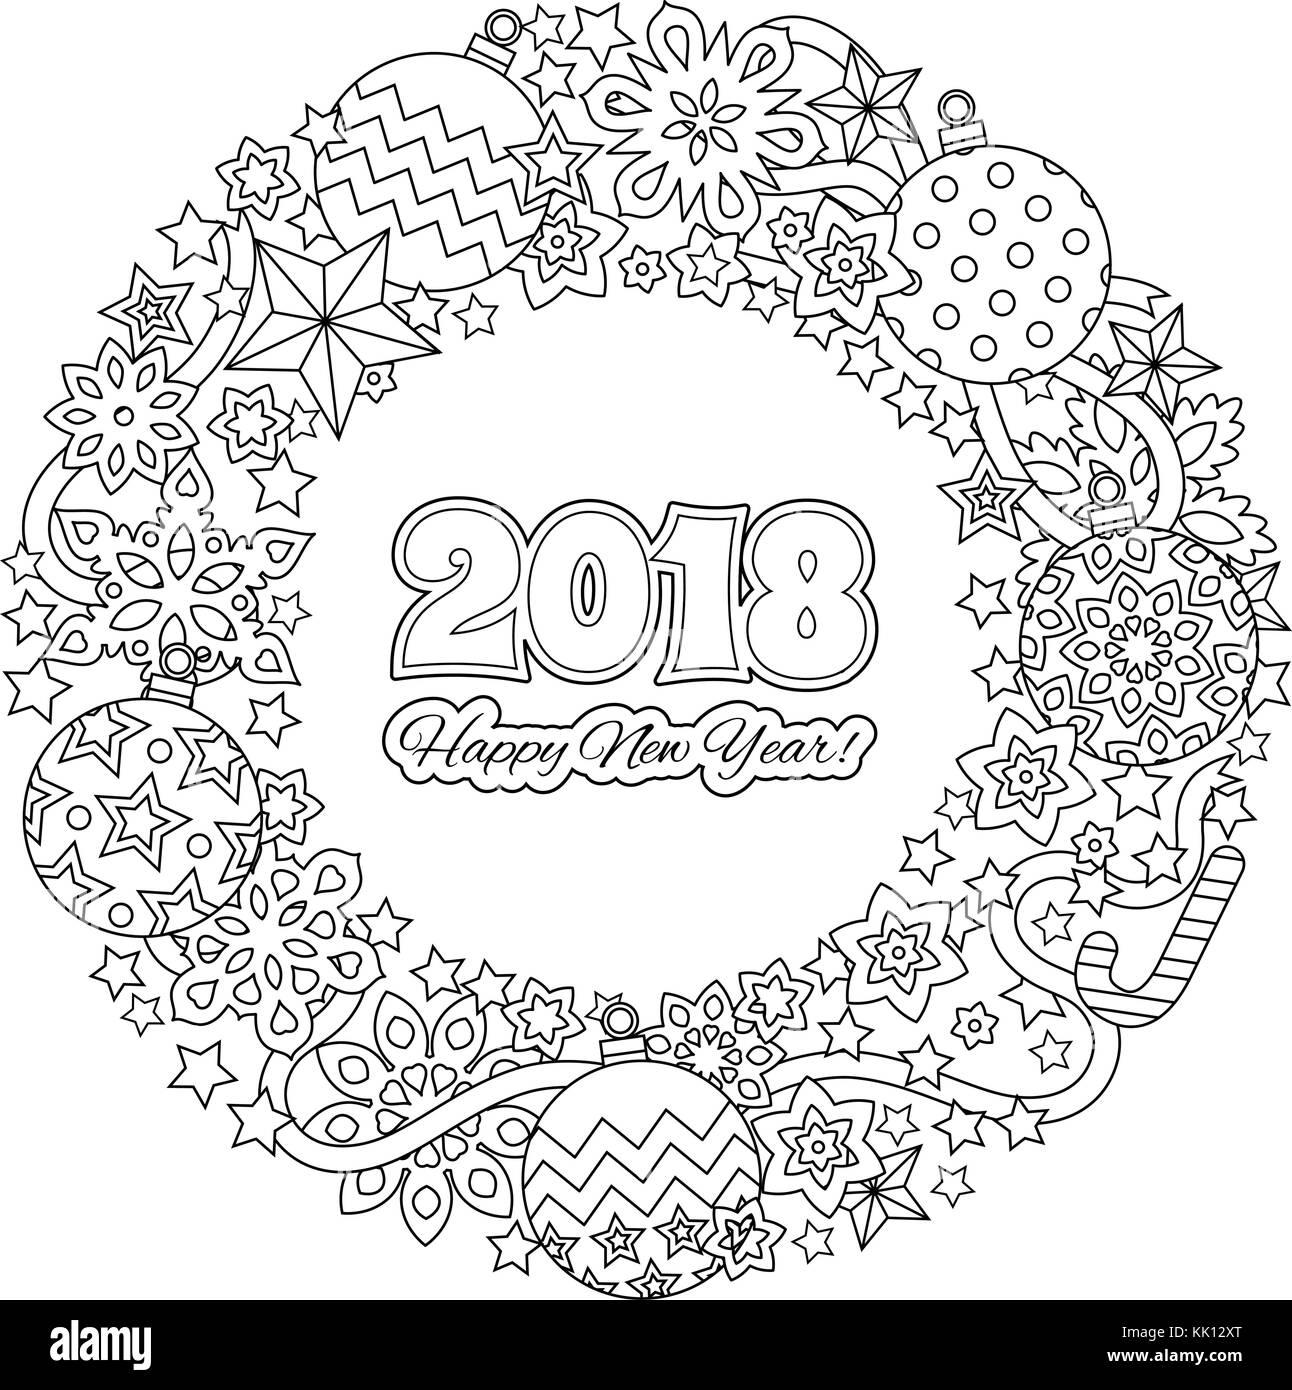 https www alamyimages fr photo image carte de felicitations bonne annee 2018 couronne composee d elements de fete de noel page a colorier pour adulte noir et blanc de style zentangle illustation inspire 166596048 html